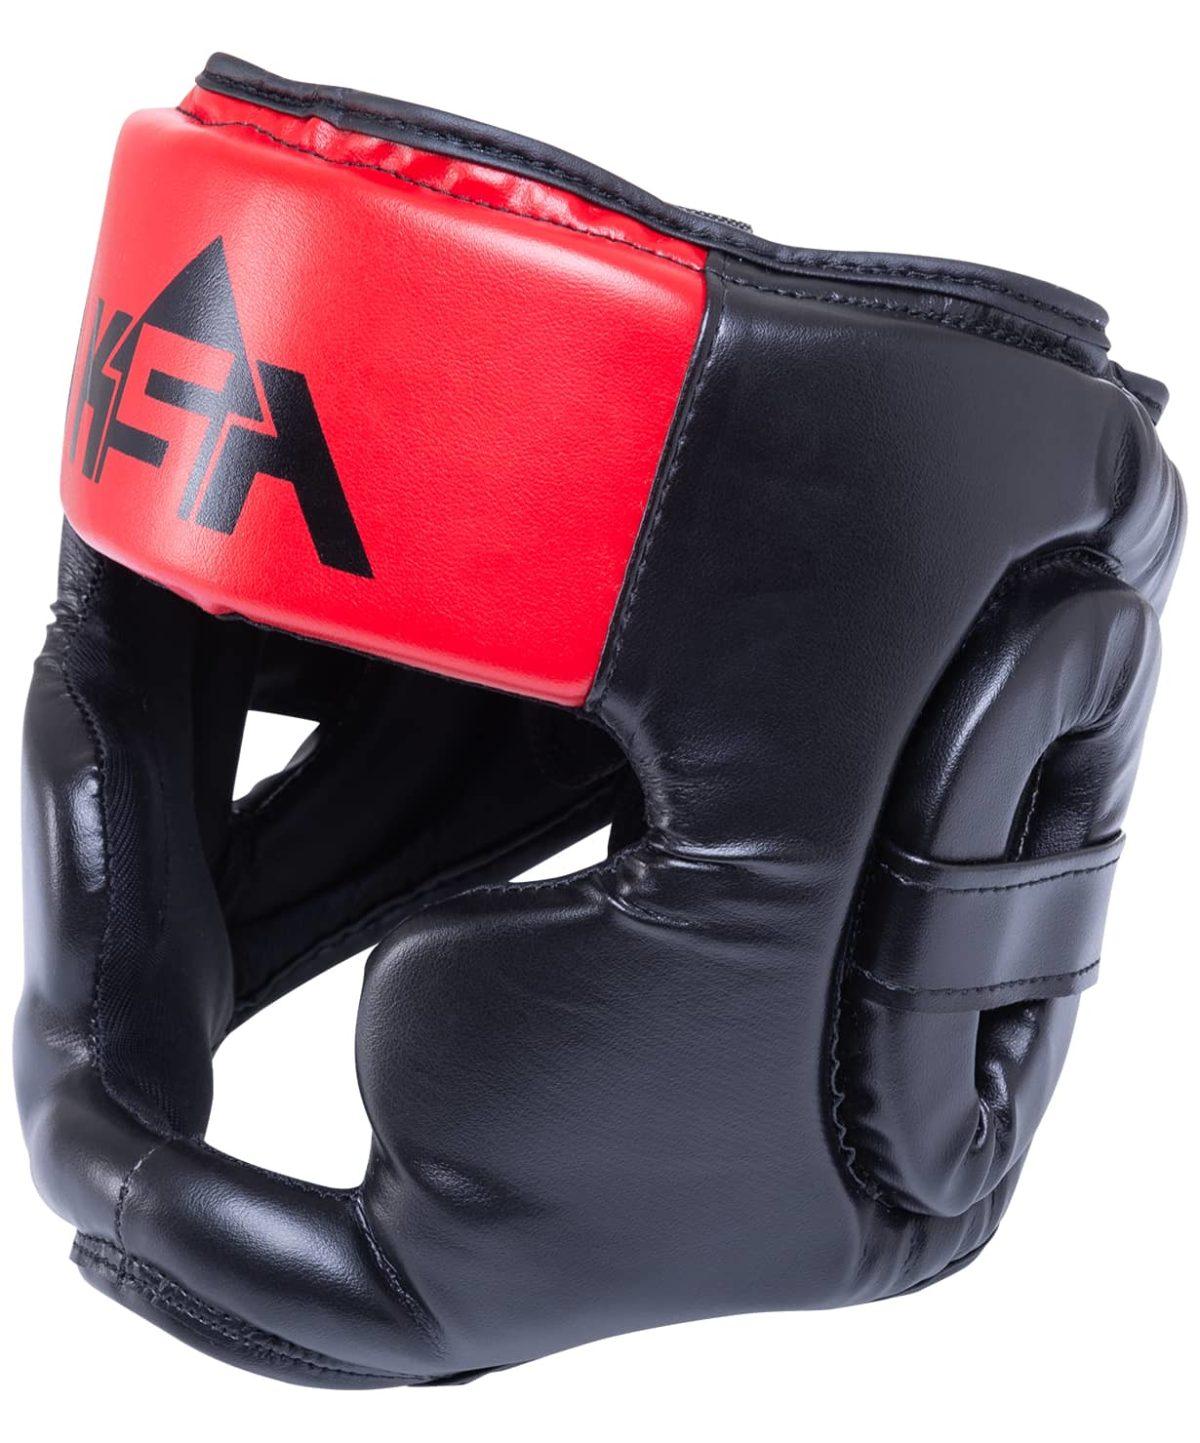 KSA Skull Red шлем закрытый  17907 - 1